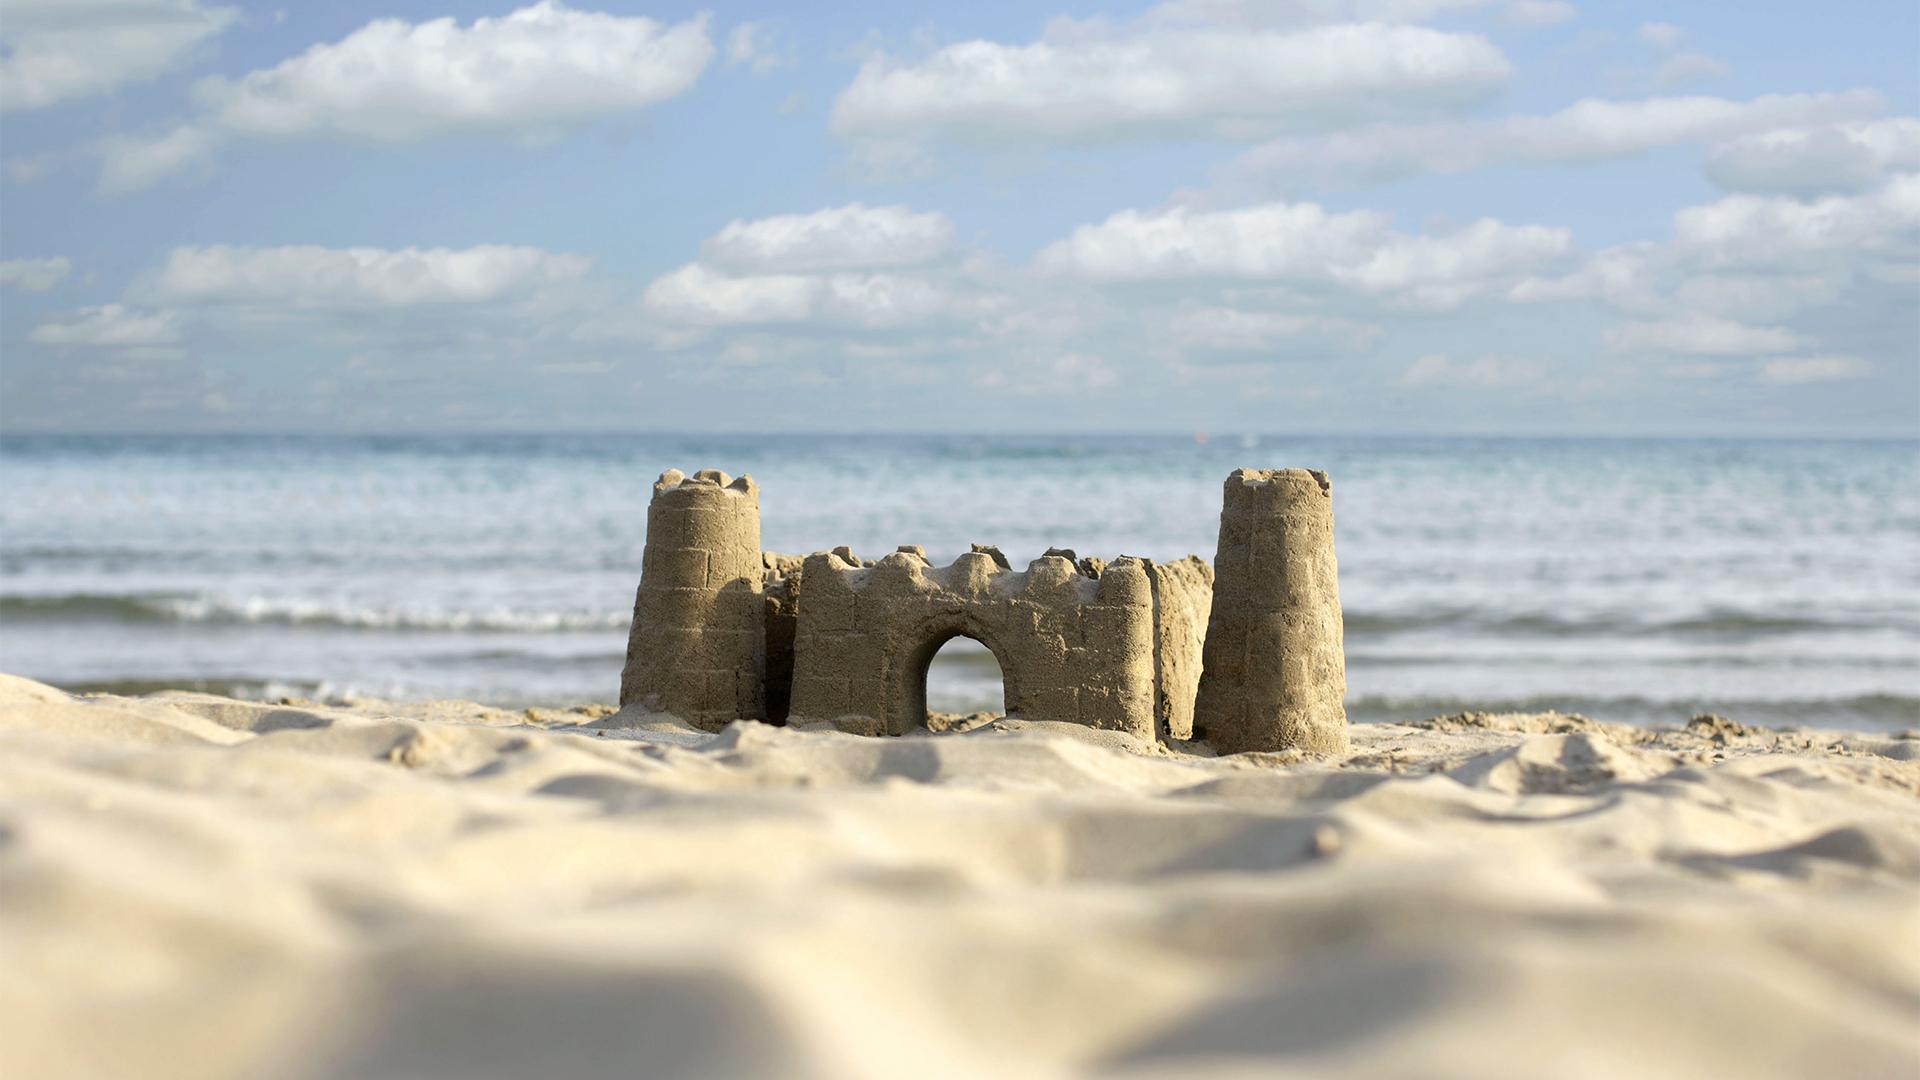 Dániában megépítették a világ legmagasabb homokvárát